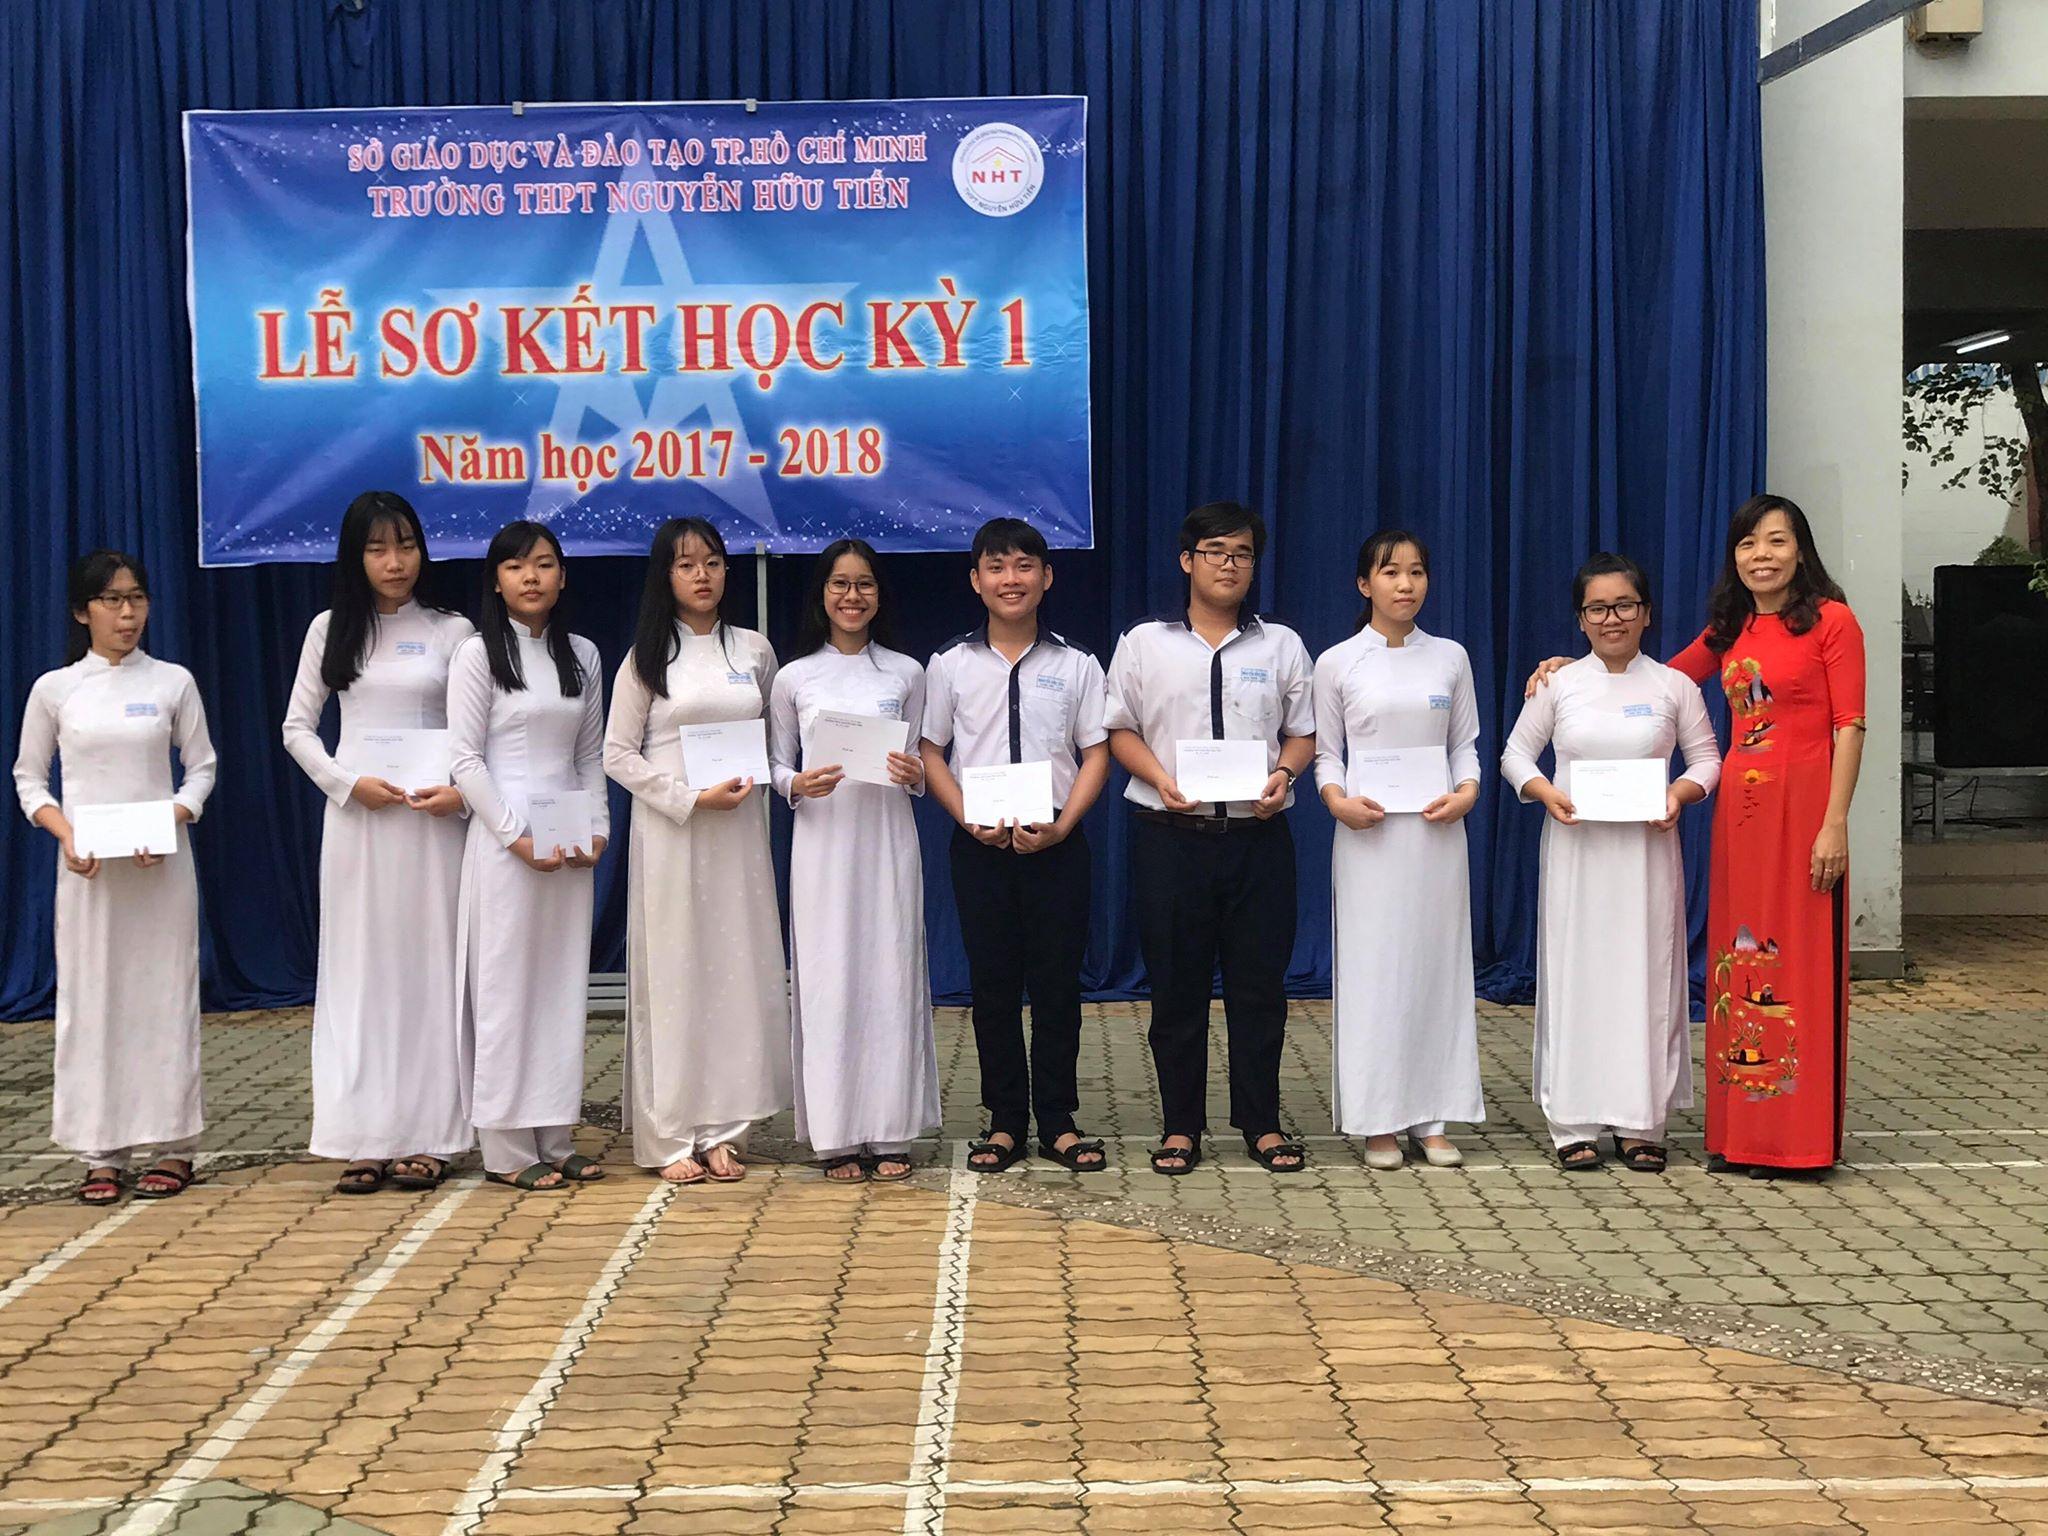 Lễ sơ kết học kỳ 1 năm học 2017-2018